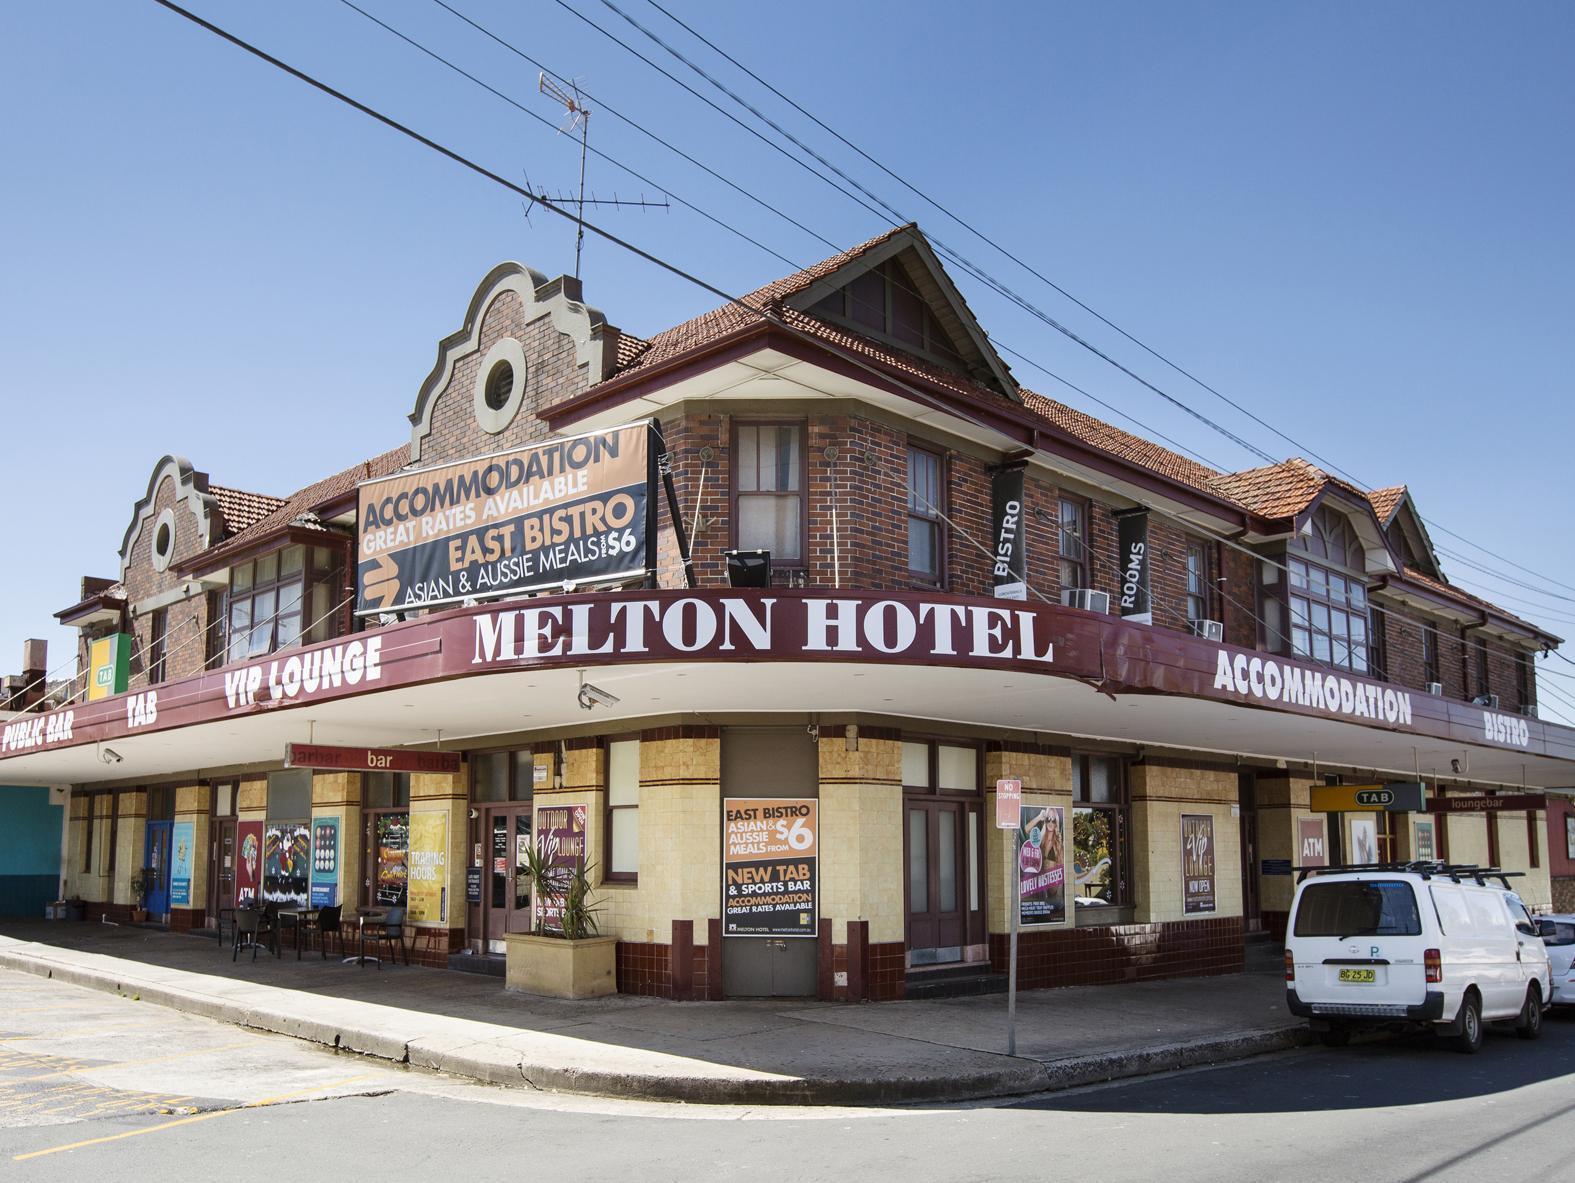 Melton Hotel